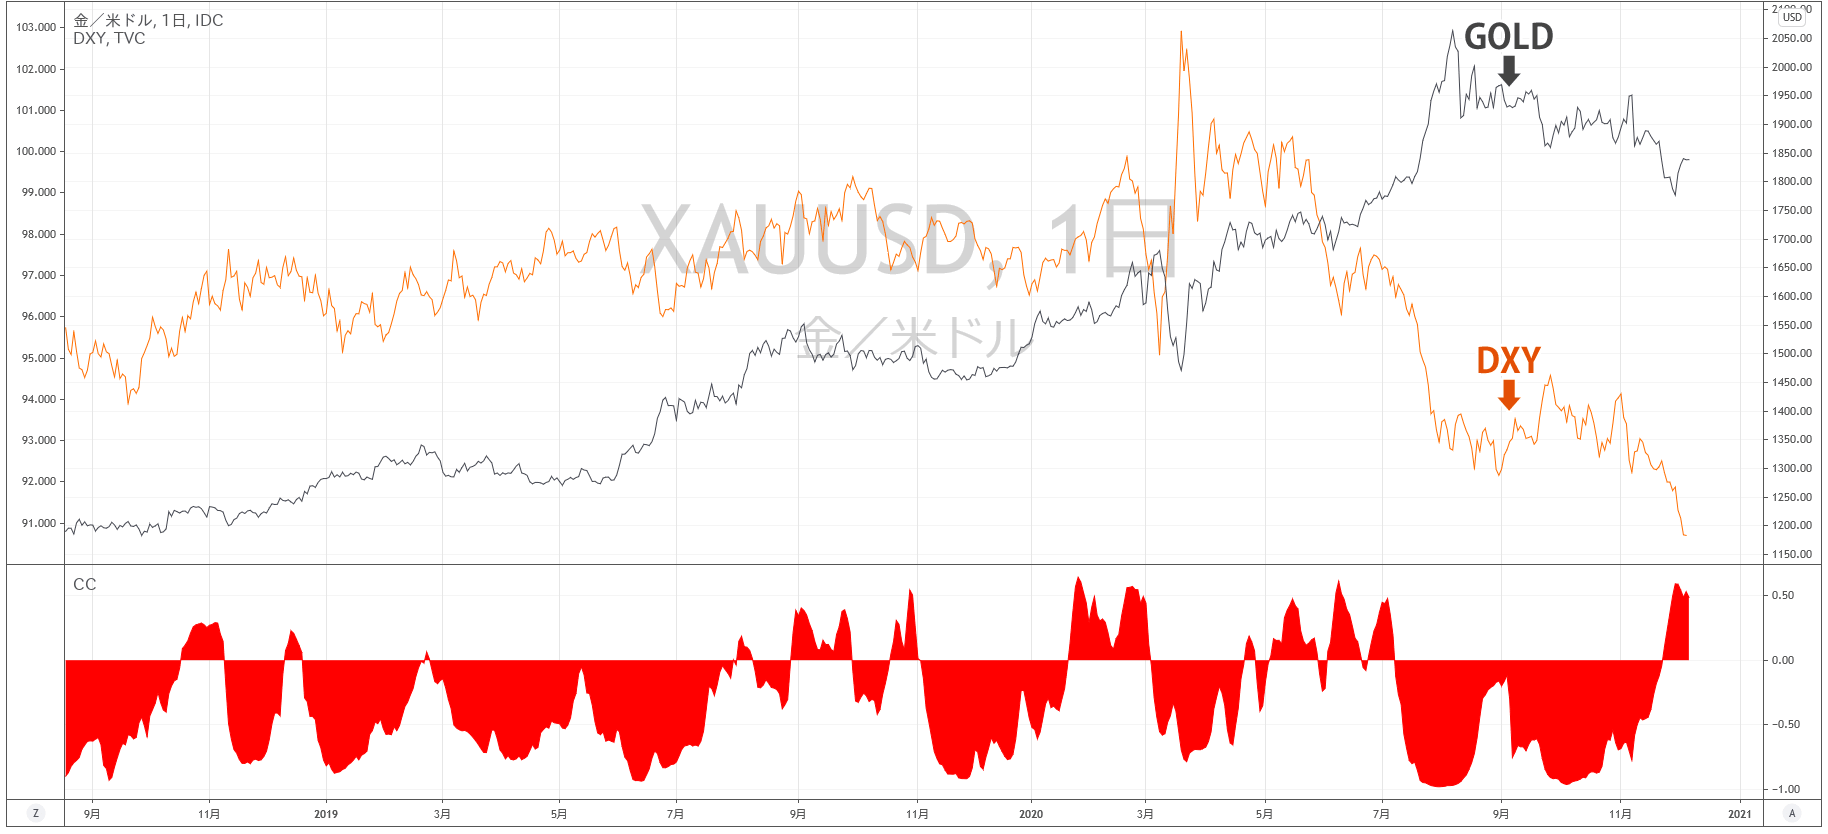 ドルインデックスとゴールドの相関関係